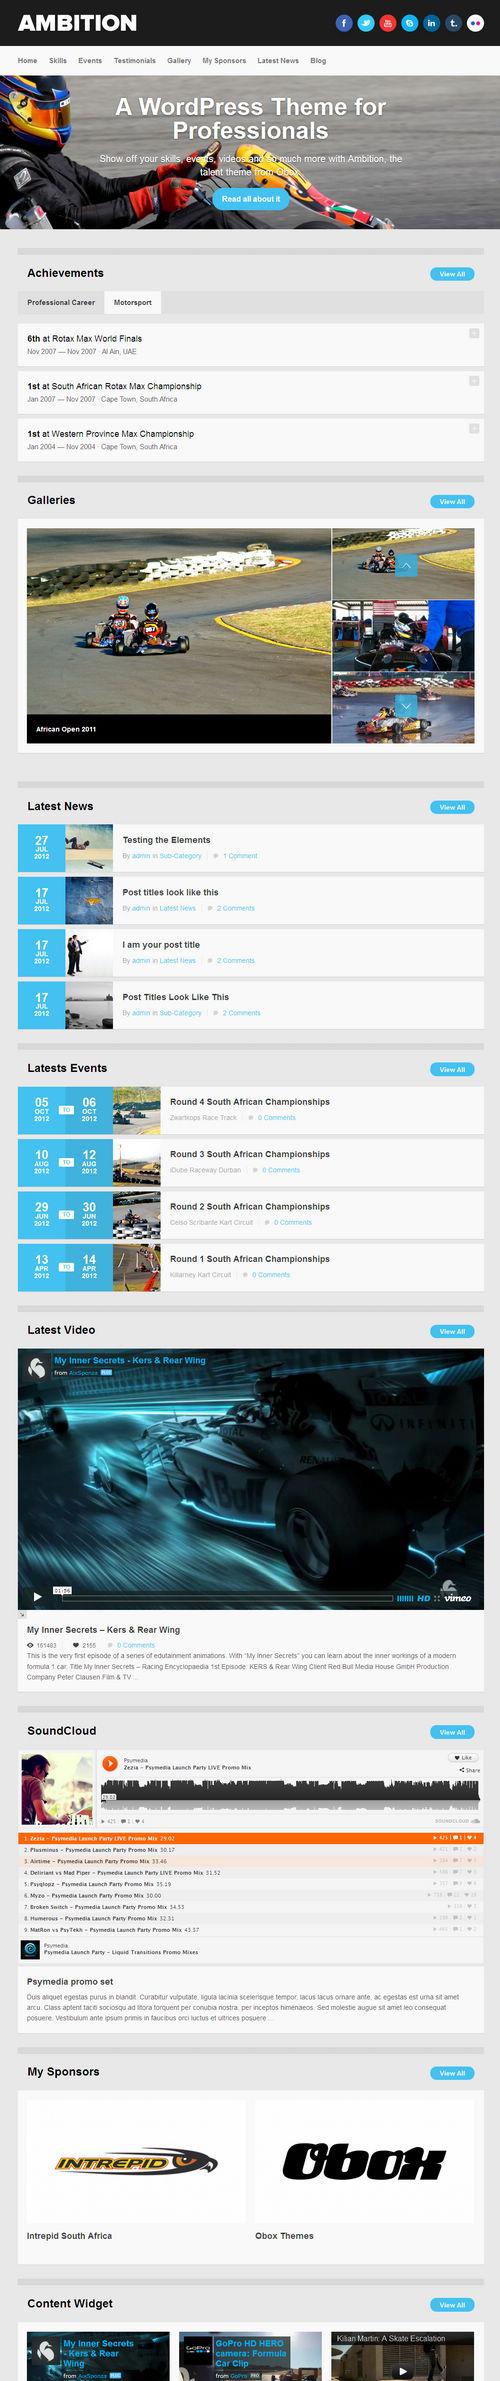 Ambition WordPress Theme